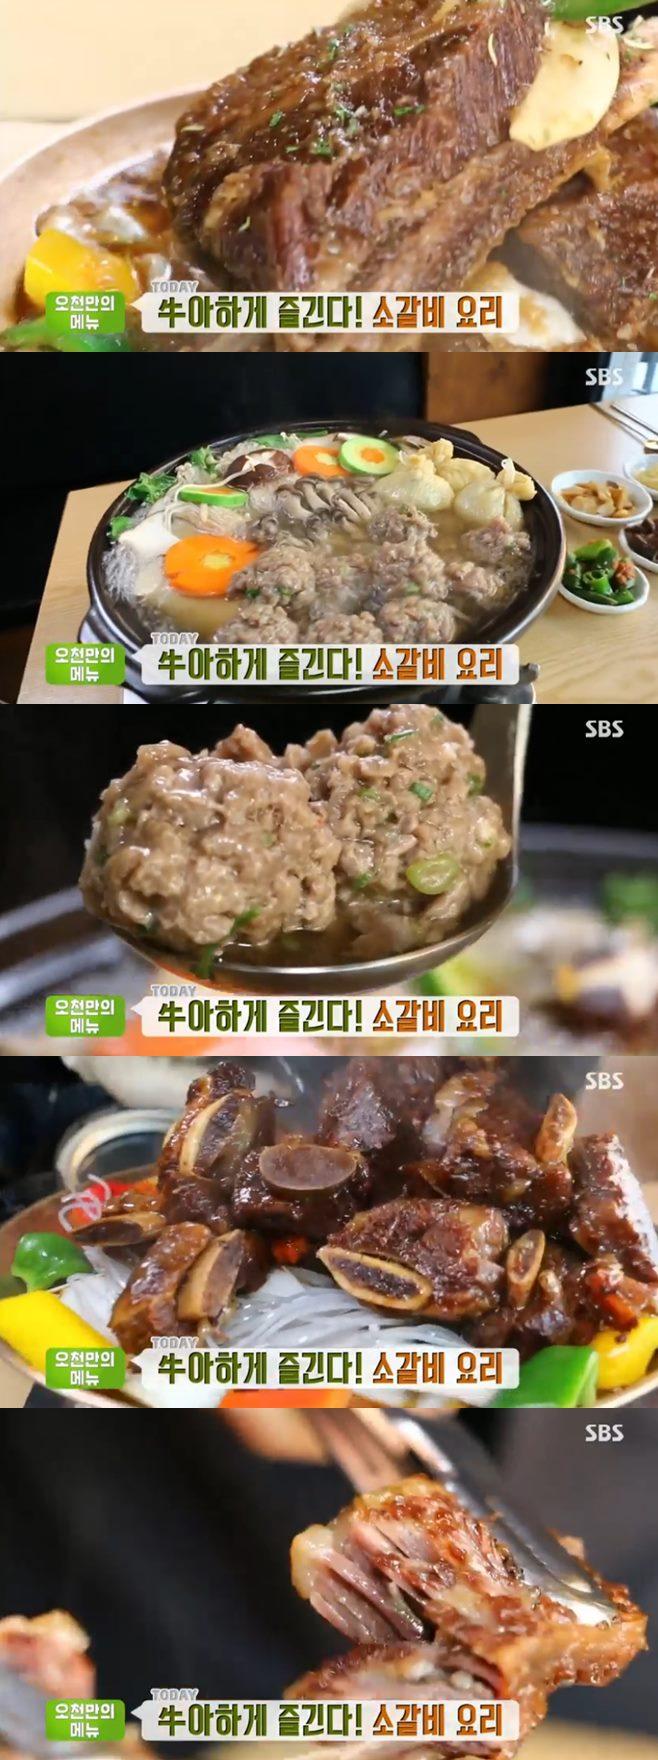 '생방송투데이' 압력솥갈비찜·고인돌갈비(고요남)vs소갈비구이(마로화적) 맛집